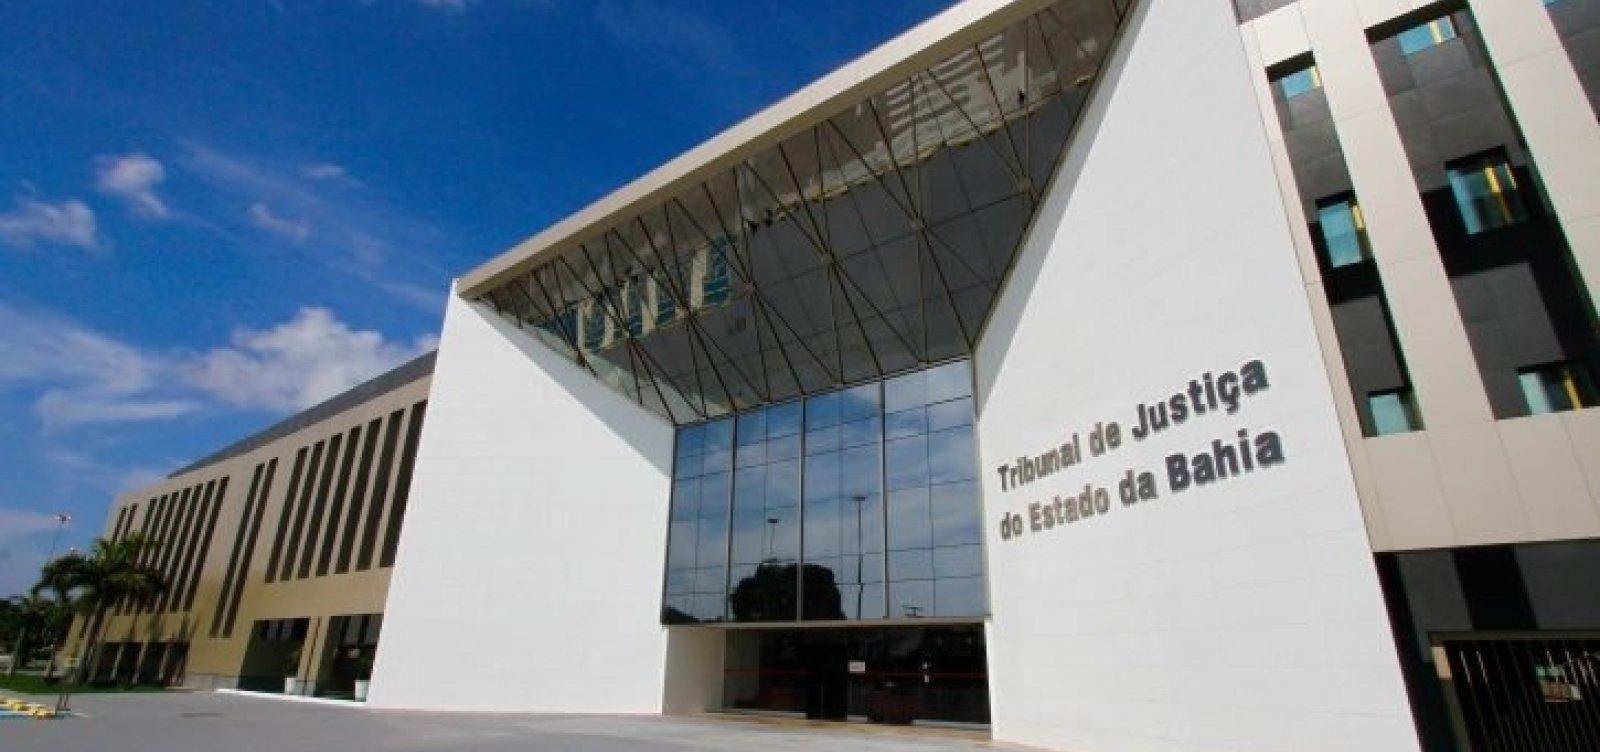 [Ministro determina prisão de juiz alvo de operação contra venda de sentenças na Bahia]